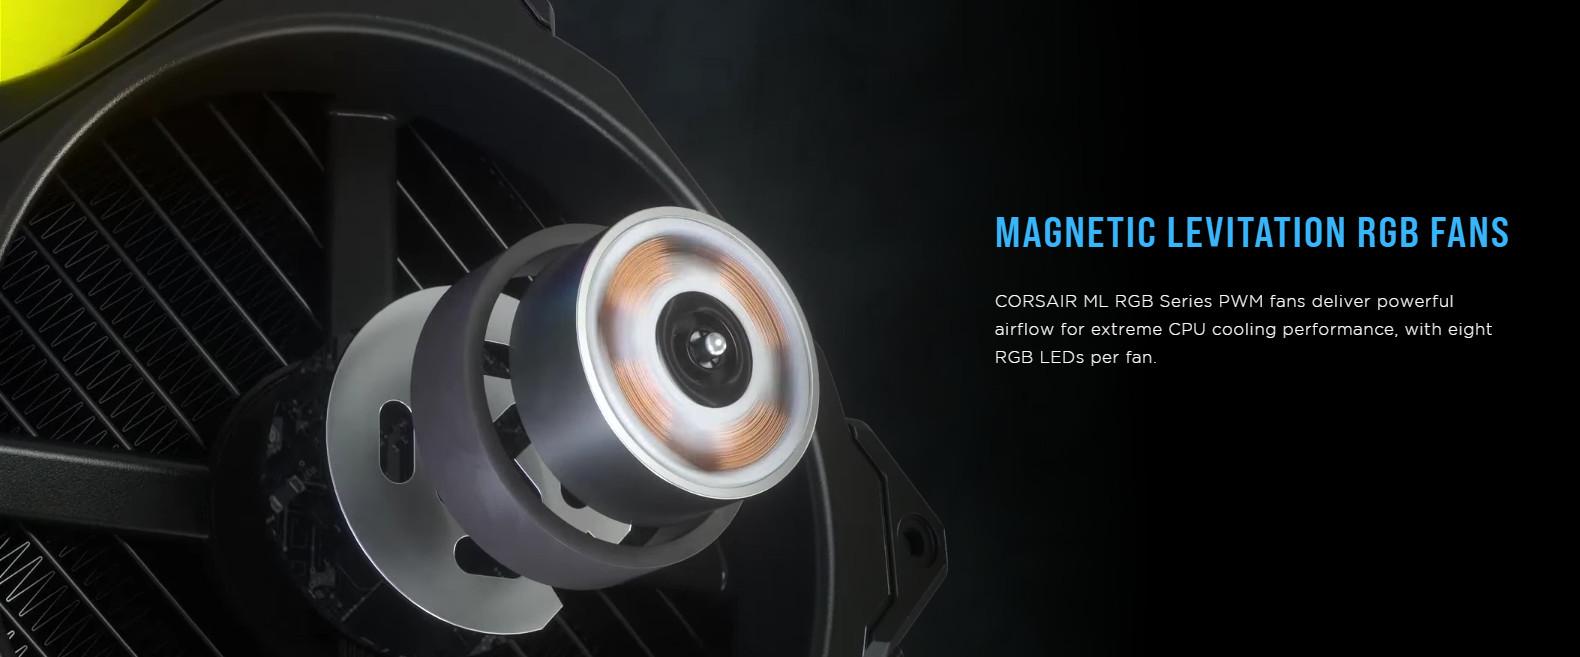 Tản nhiệt nước Corsair H115i ELITE CAPELLIX với quạt RGB Corsair ML với 8 bóng led mỗi quạt cho hiệu ứng ánh sáng sống động